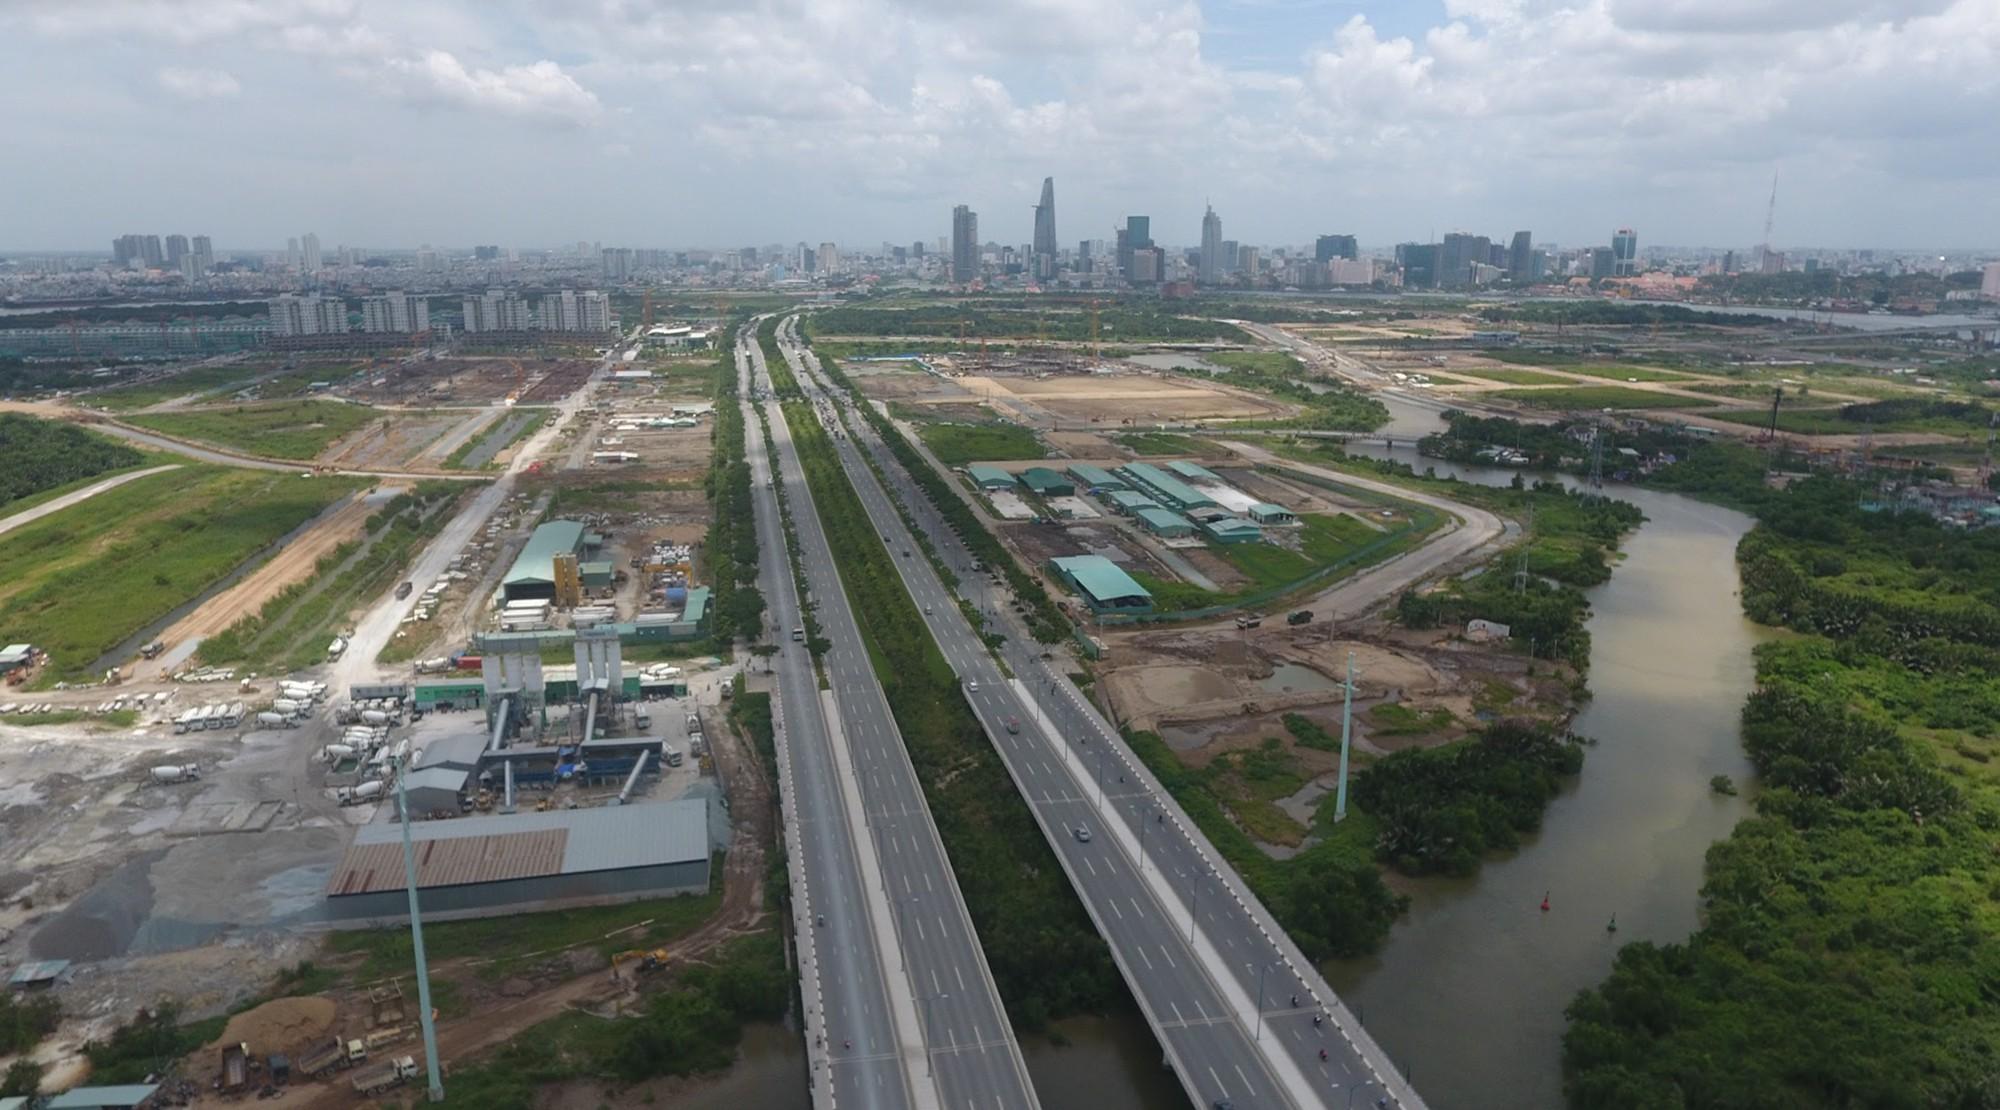 Diện mạo bán đảo Thủ Thiêm - khu đô thị đẹp nhất Sài Gòn nhìn từ trên cao - Ảnh 9.